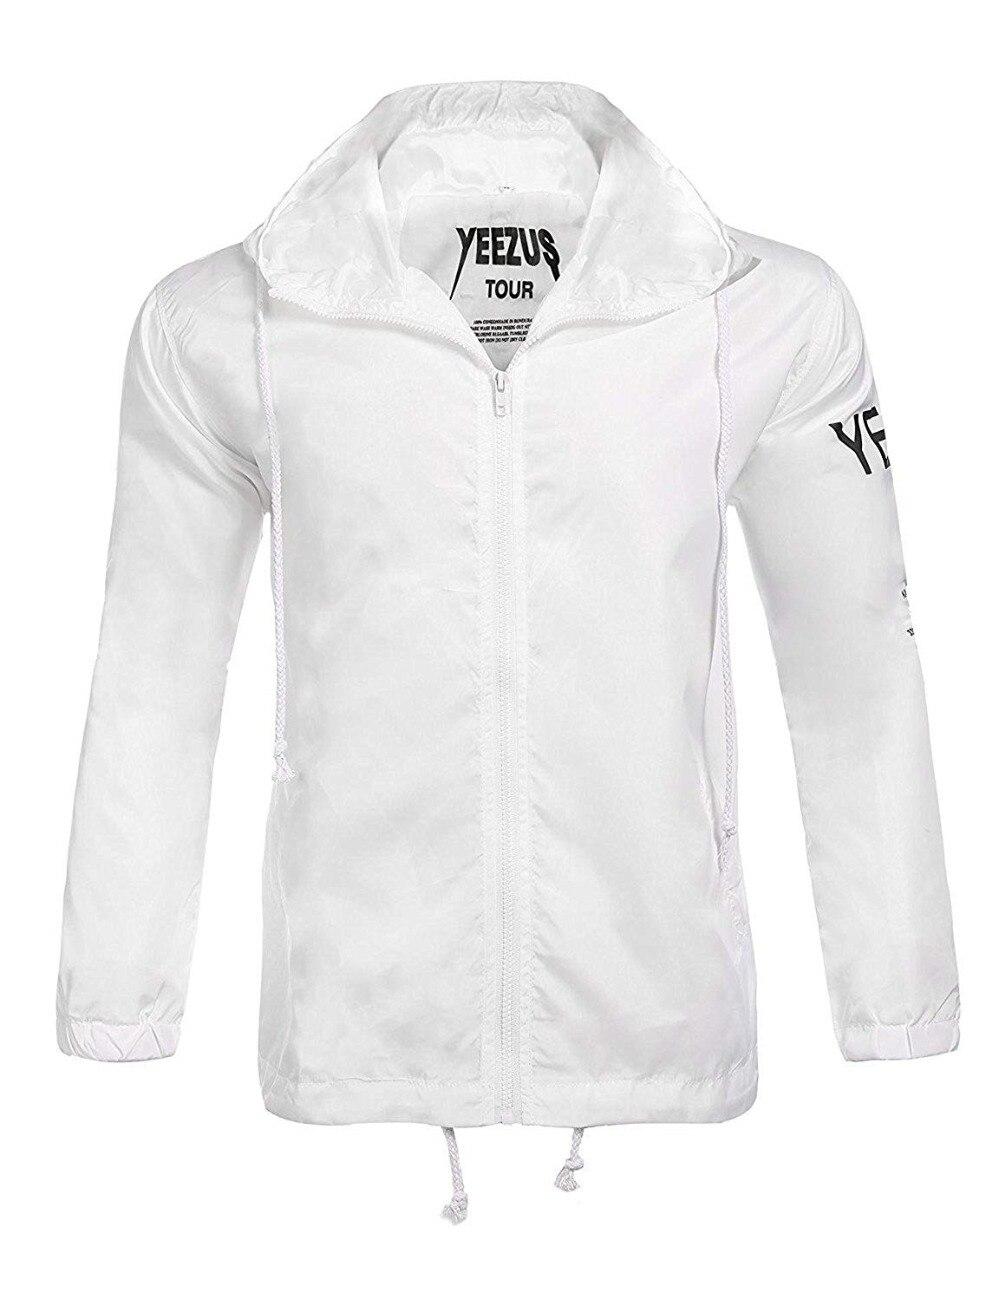 9b627836e Por Yeezus Tour Limited Edition Yzy Streetwear Windbreaker Thin